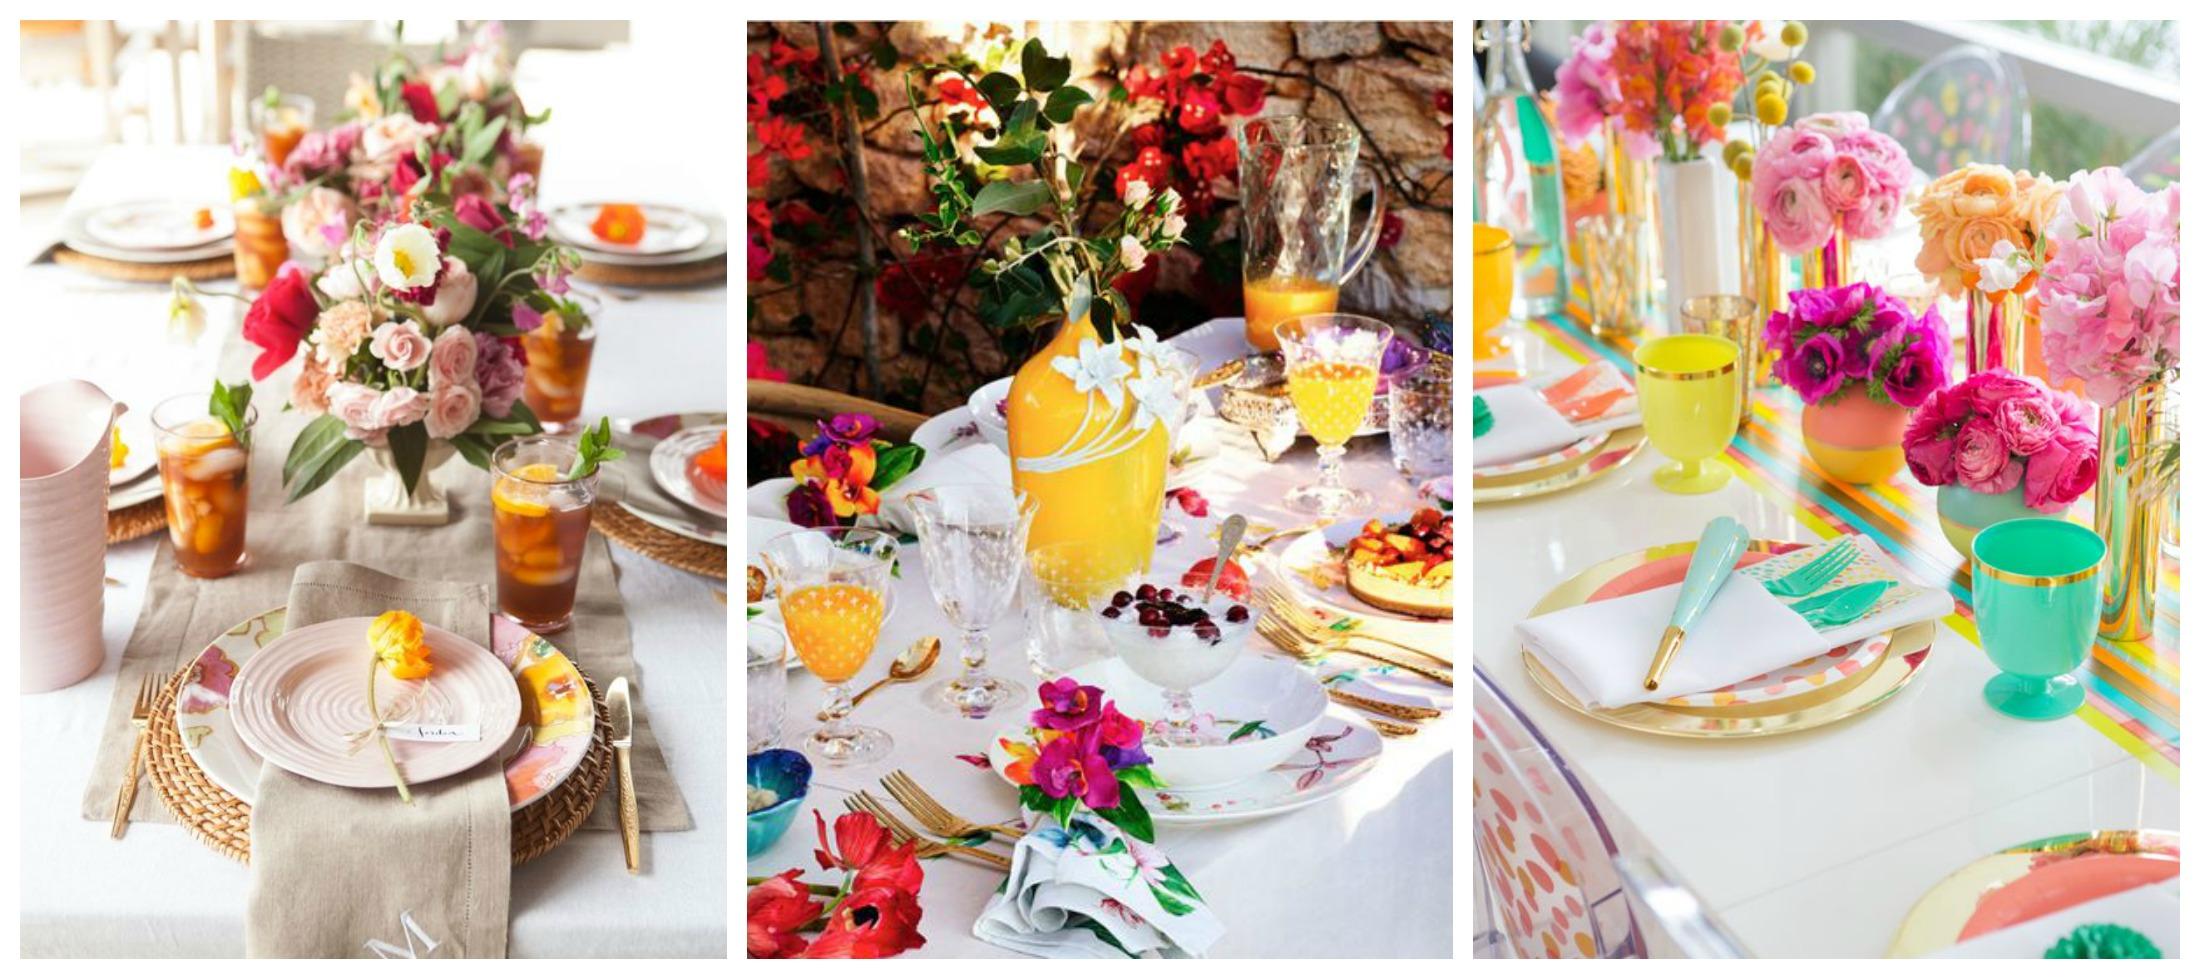 C mo decorar una mesa de verano cristina lopez aparicio - Mesas de verano ...